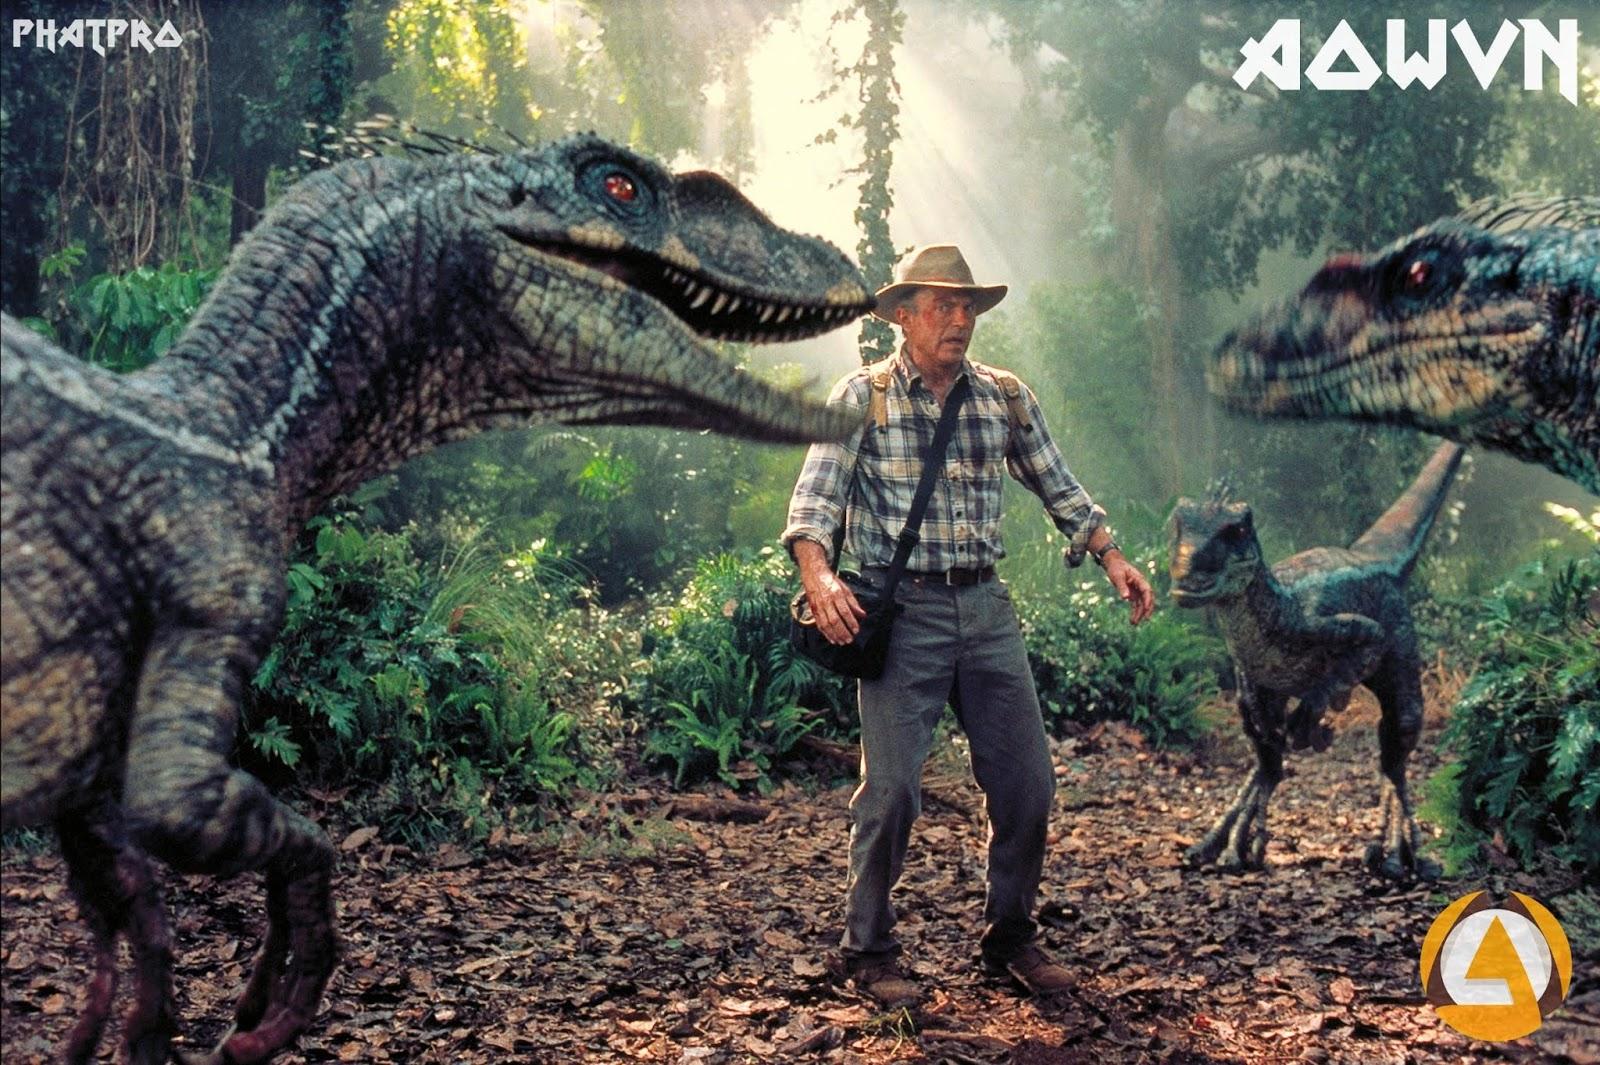 Jura%2B3%2B %2BPhatpro min - [ Phim 3gp Mp4 ] Tổng Hợp 5 Phần Jurassic Park + Jurassic World HD-BD | Vietsub - Bom Tấn Mỹ Siêu Hay